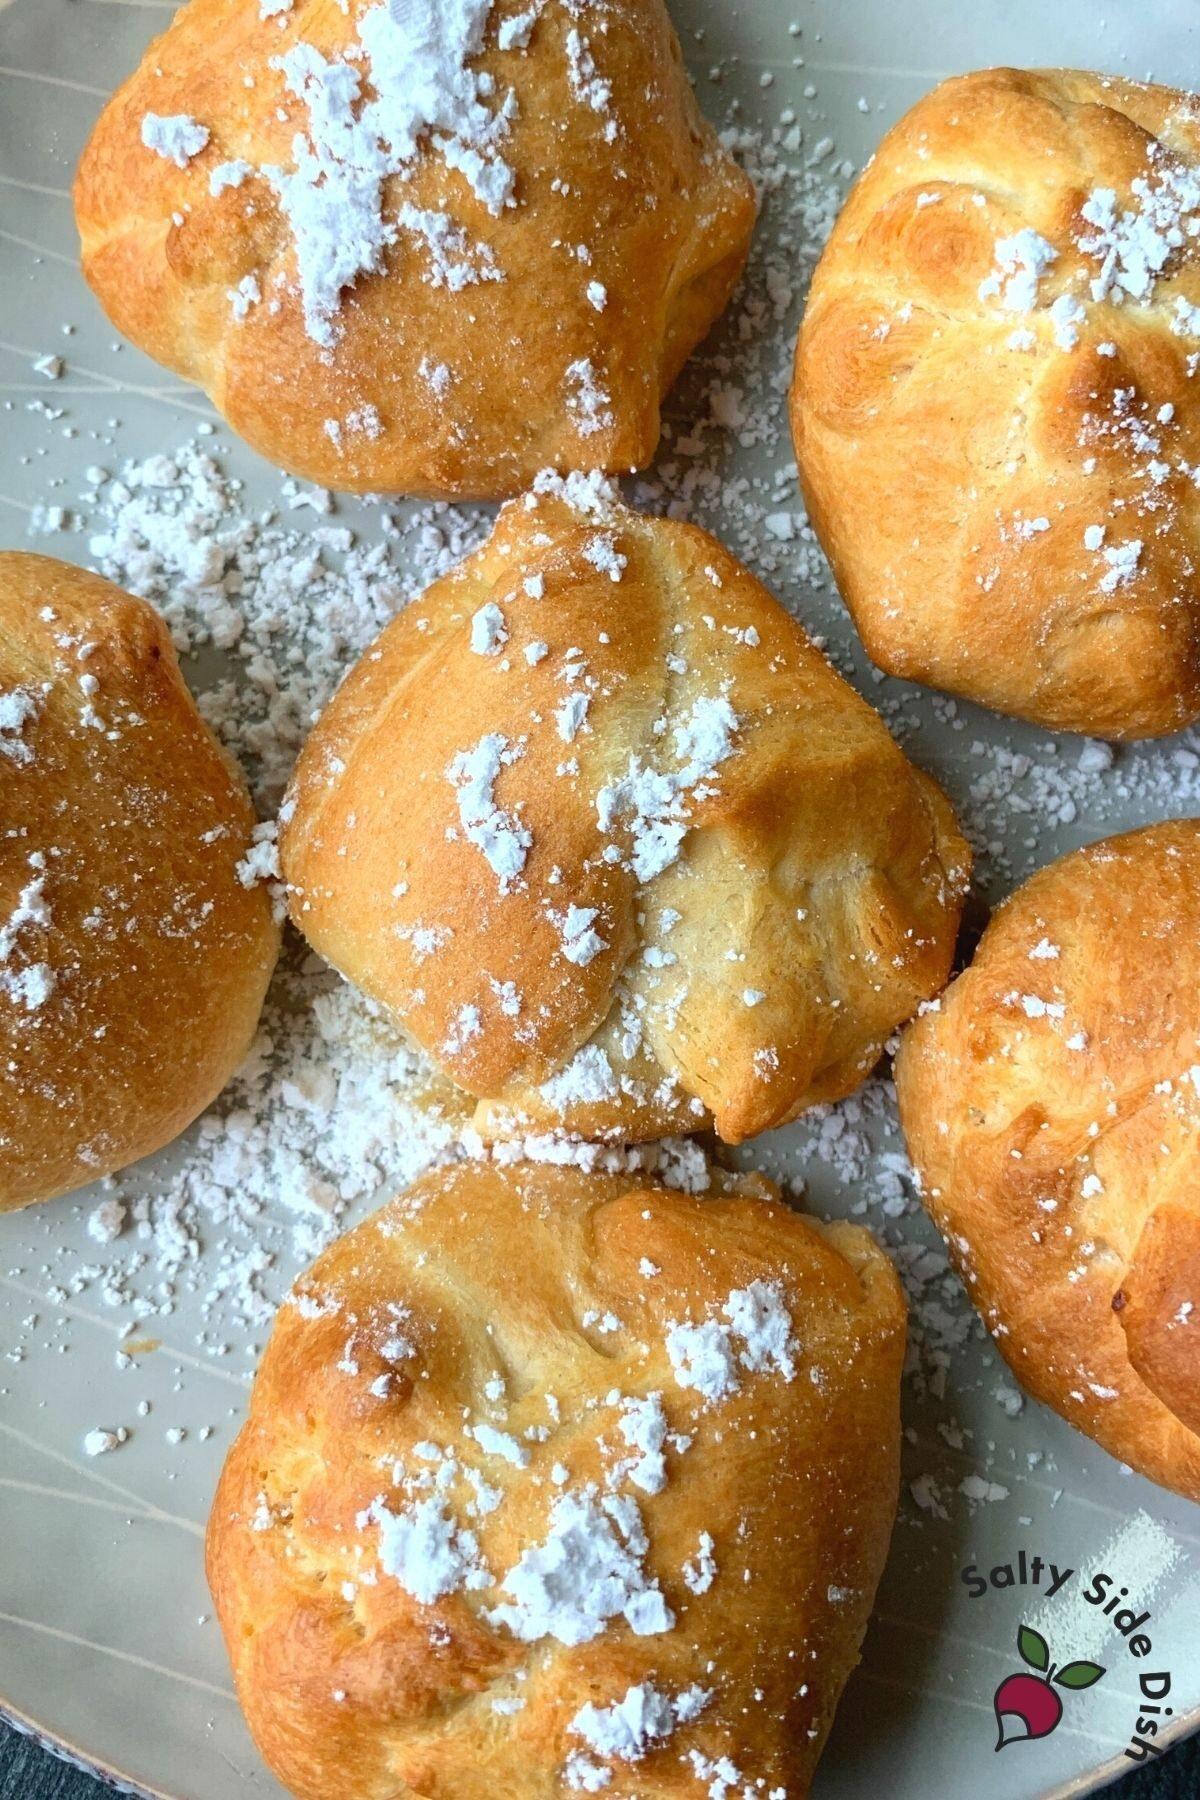 add powdered sugar on stuffed air fried oreos